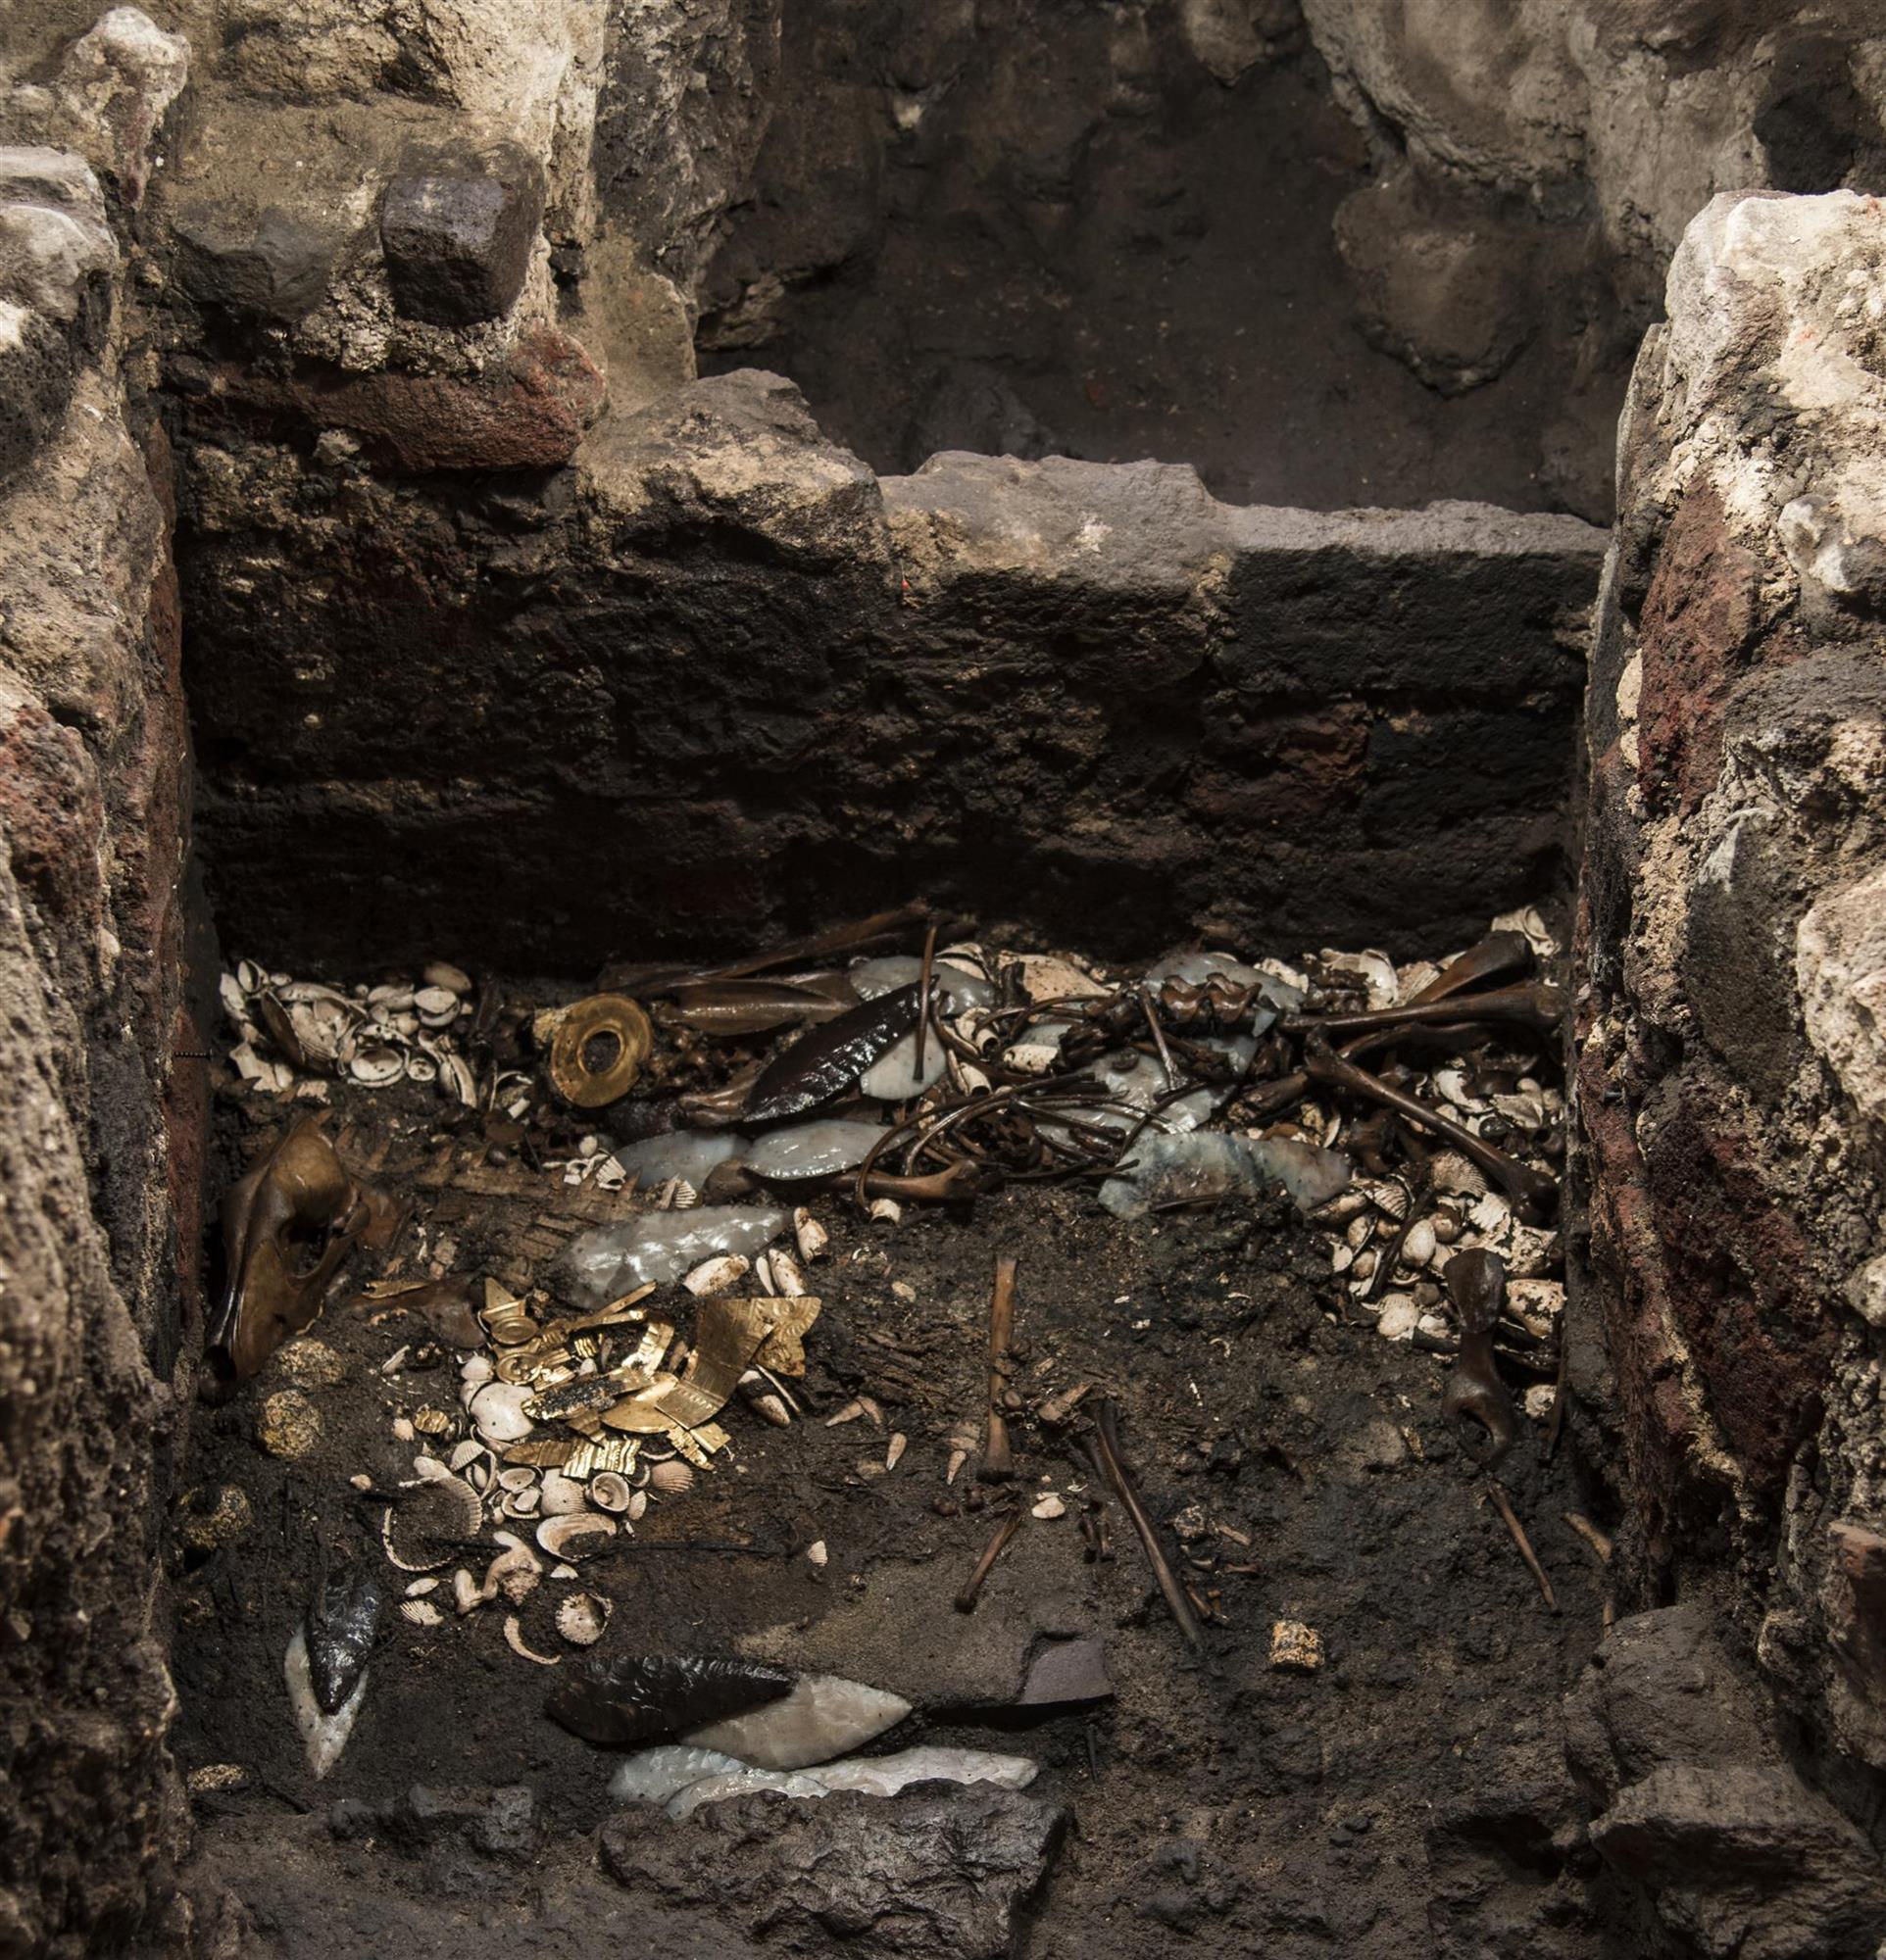 Un lobo sacrificado hace 500 años por los aztecas y adornado con piezas de oro purísimo